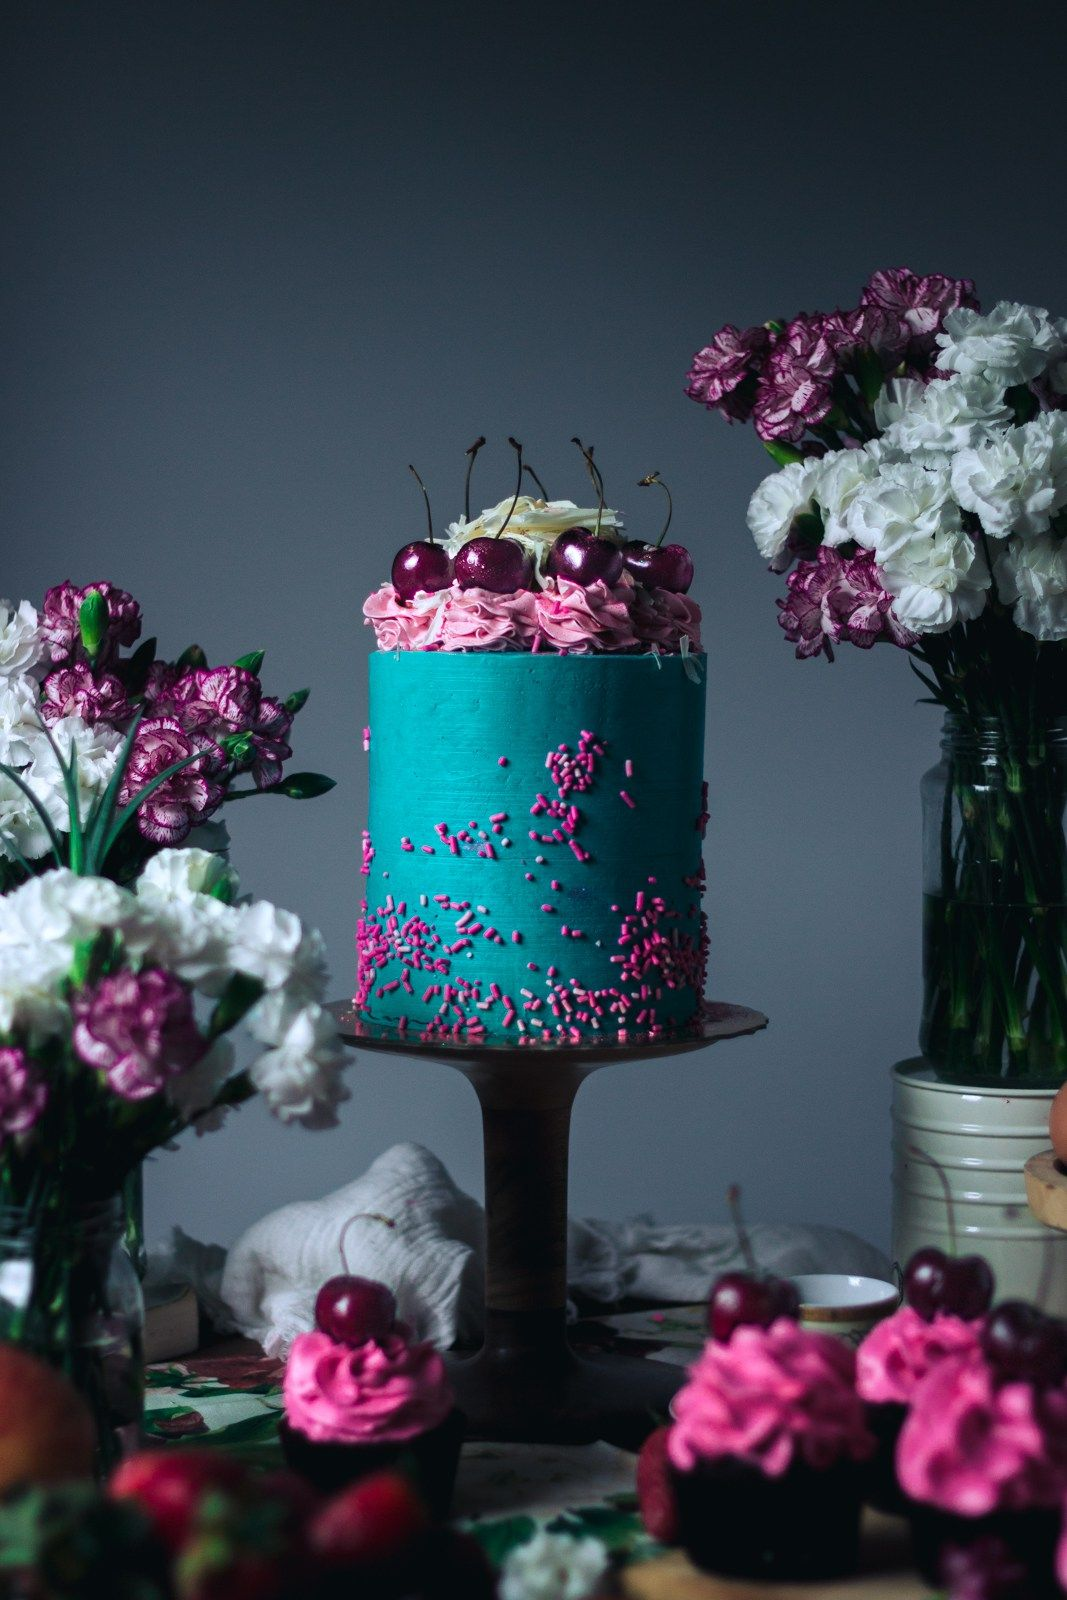 آموزش آشپزی سری 39 ام 5دستور طرز تهیه کیک خوشمزه